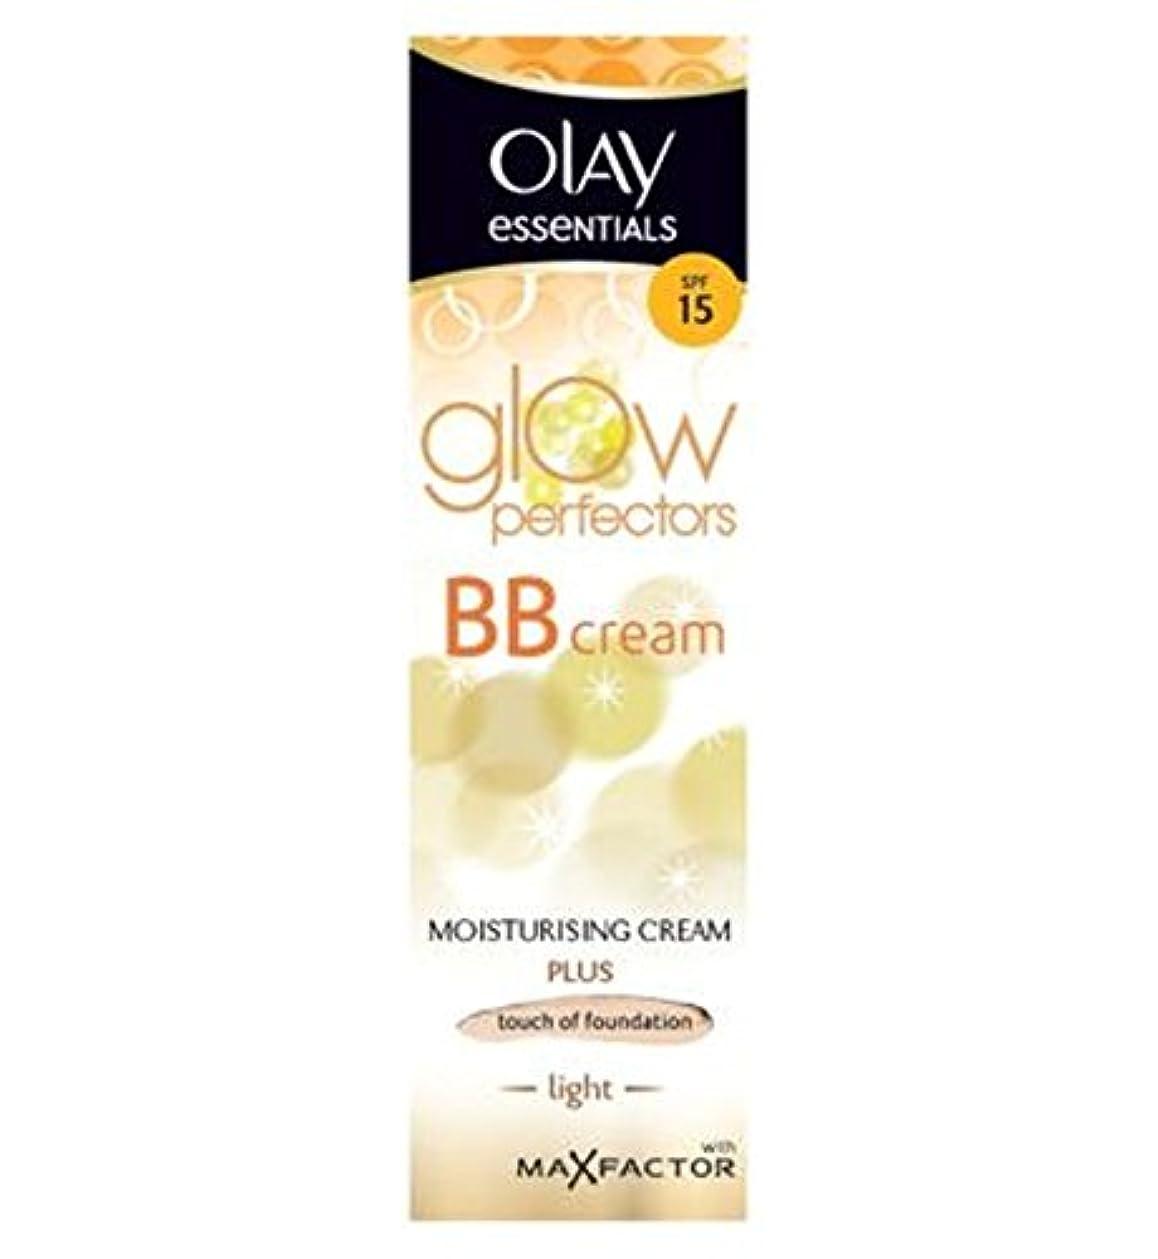 ラッシュ自分を引き上げるパットOlay Complete BB Cream SPF15 Skin Perfecting Tinted Moisturiser 50ml - Fair - 着色保湿50ミリリットルを完成オーレイ完全なBbクリームSpf15スキン - フェア (Olay) [並行輸入品]